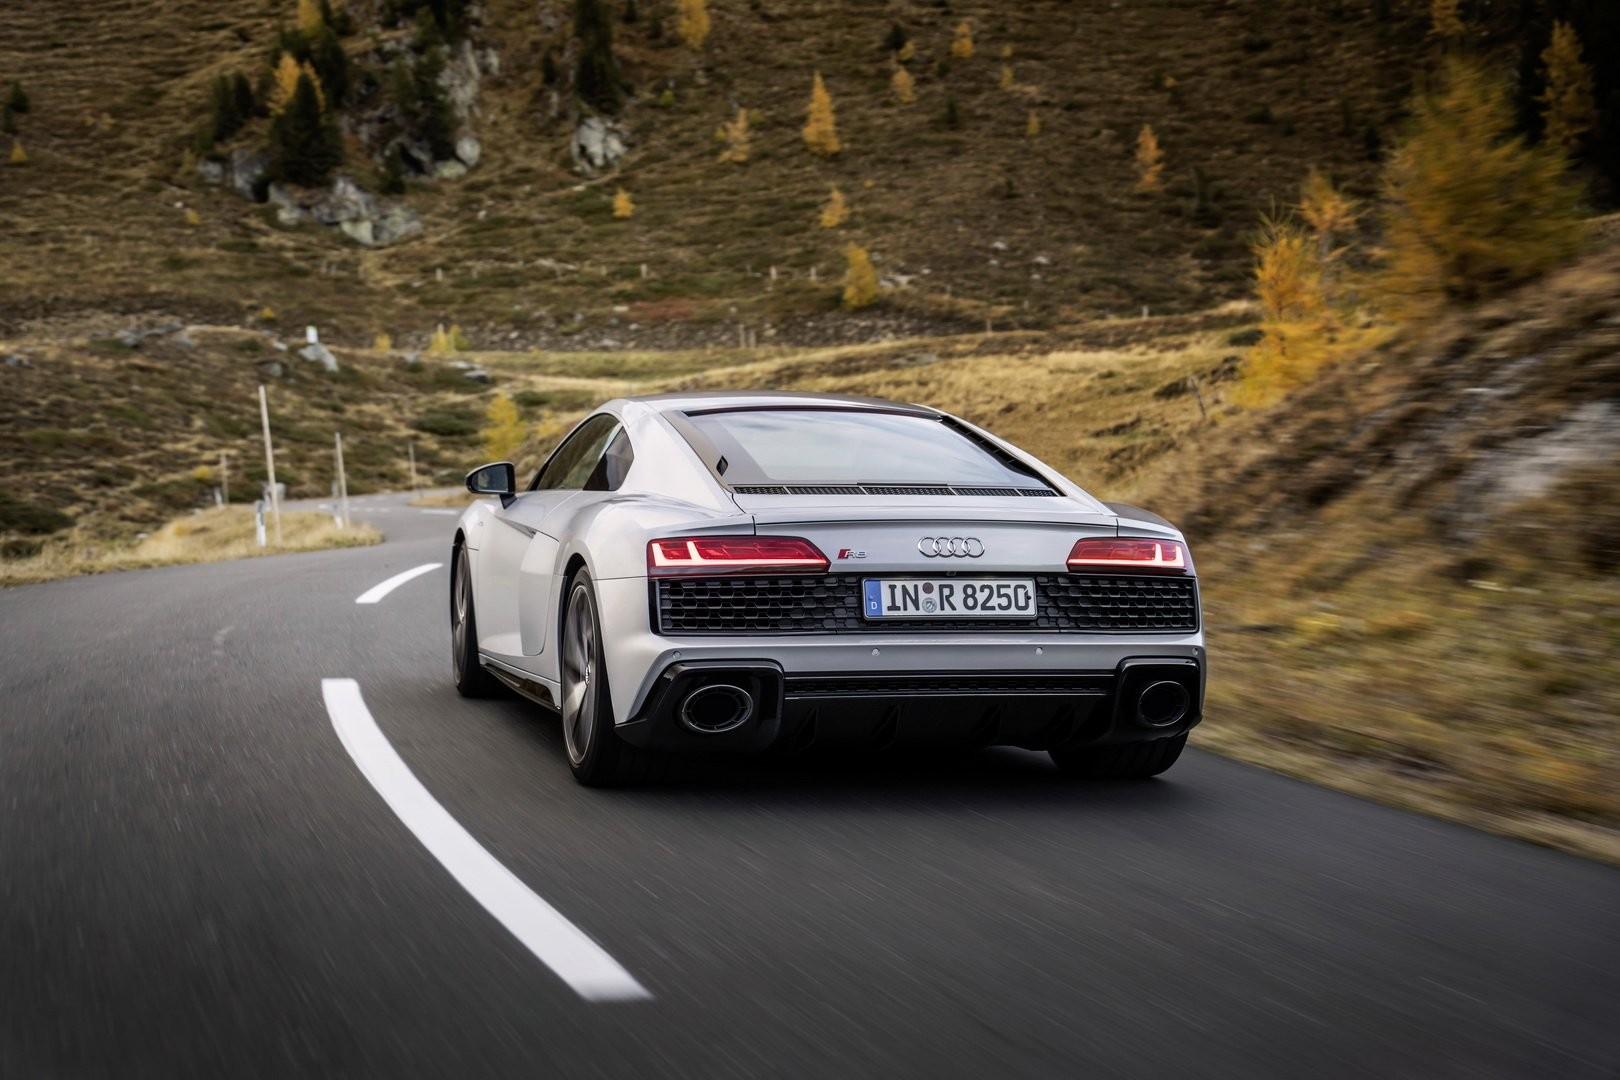 Audi R8 V10 RWD - Audi R8 V10 RWD